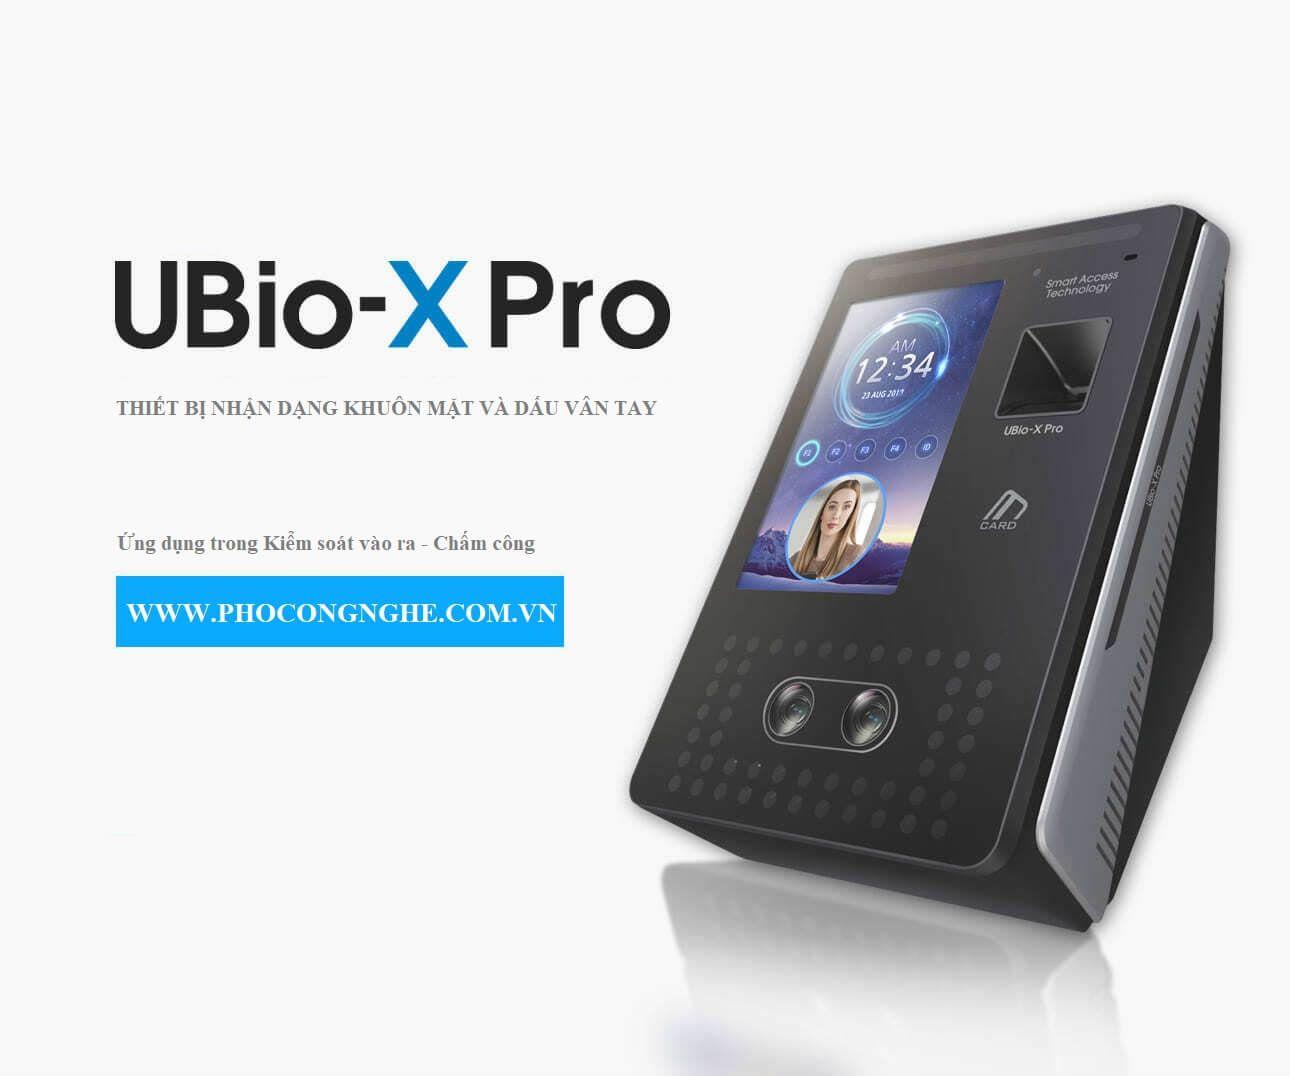 Thiết bị kiểm soát vào ra bằng vân tay và khuôn mặt VIRDI UBio-X Pro Lite